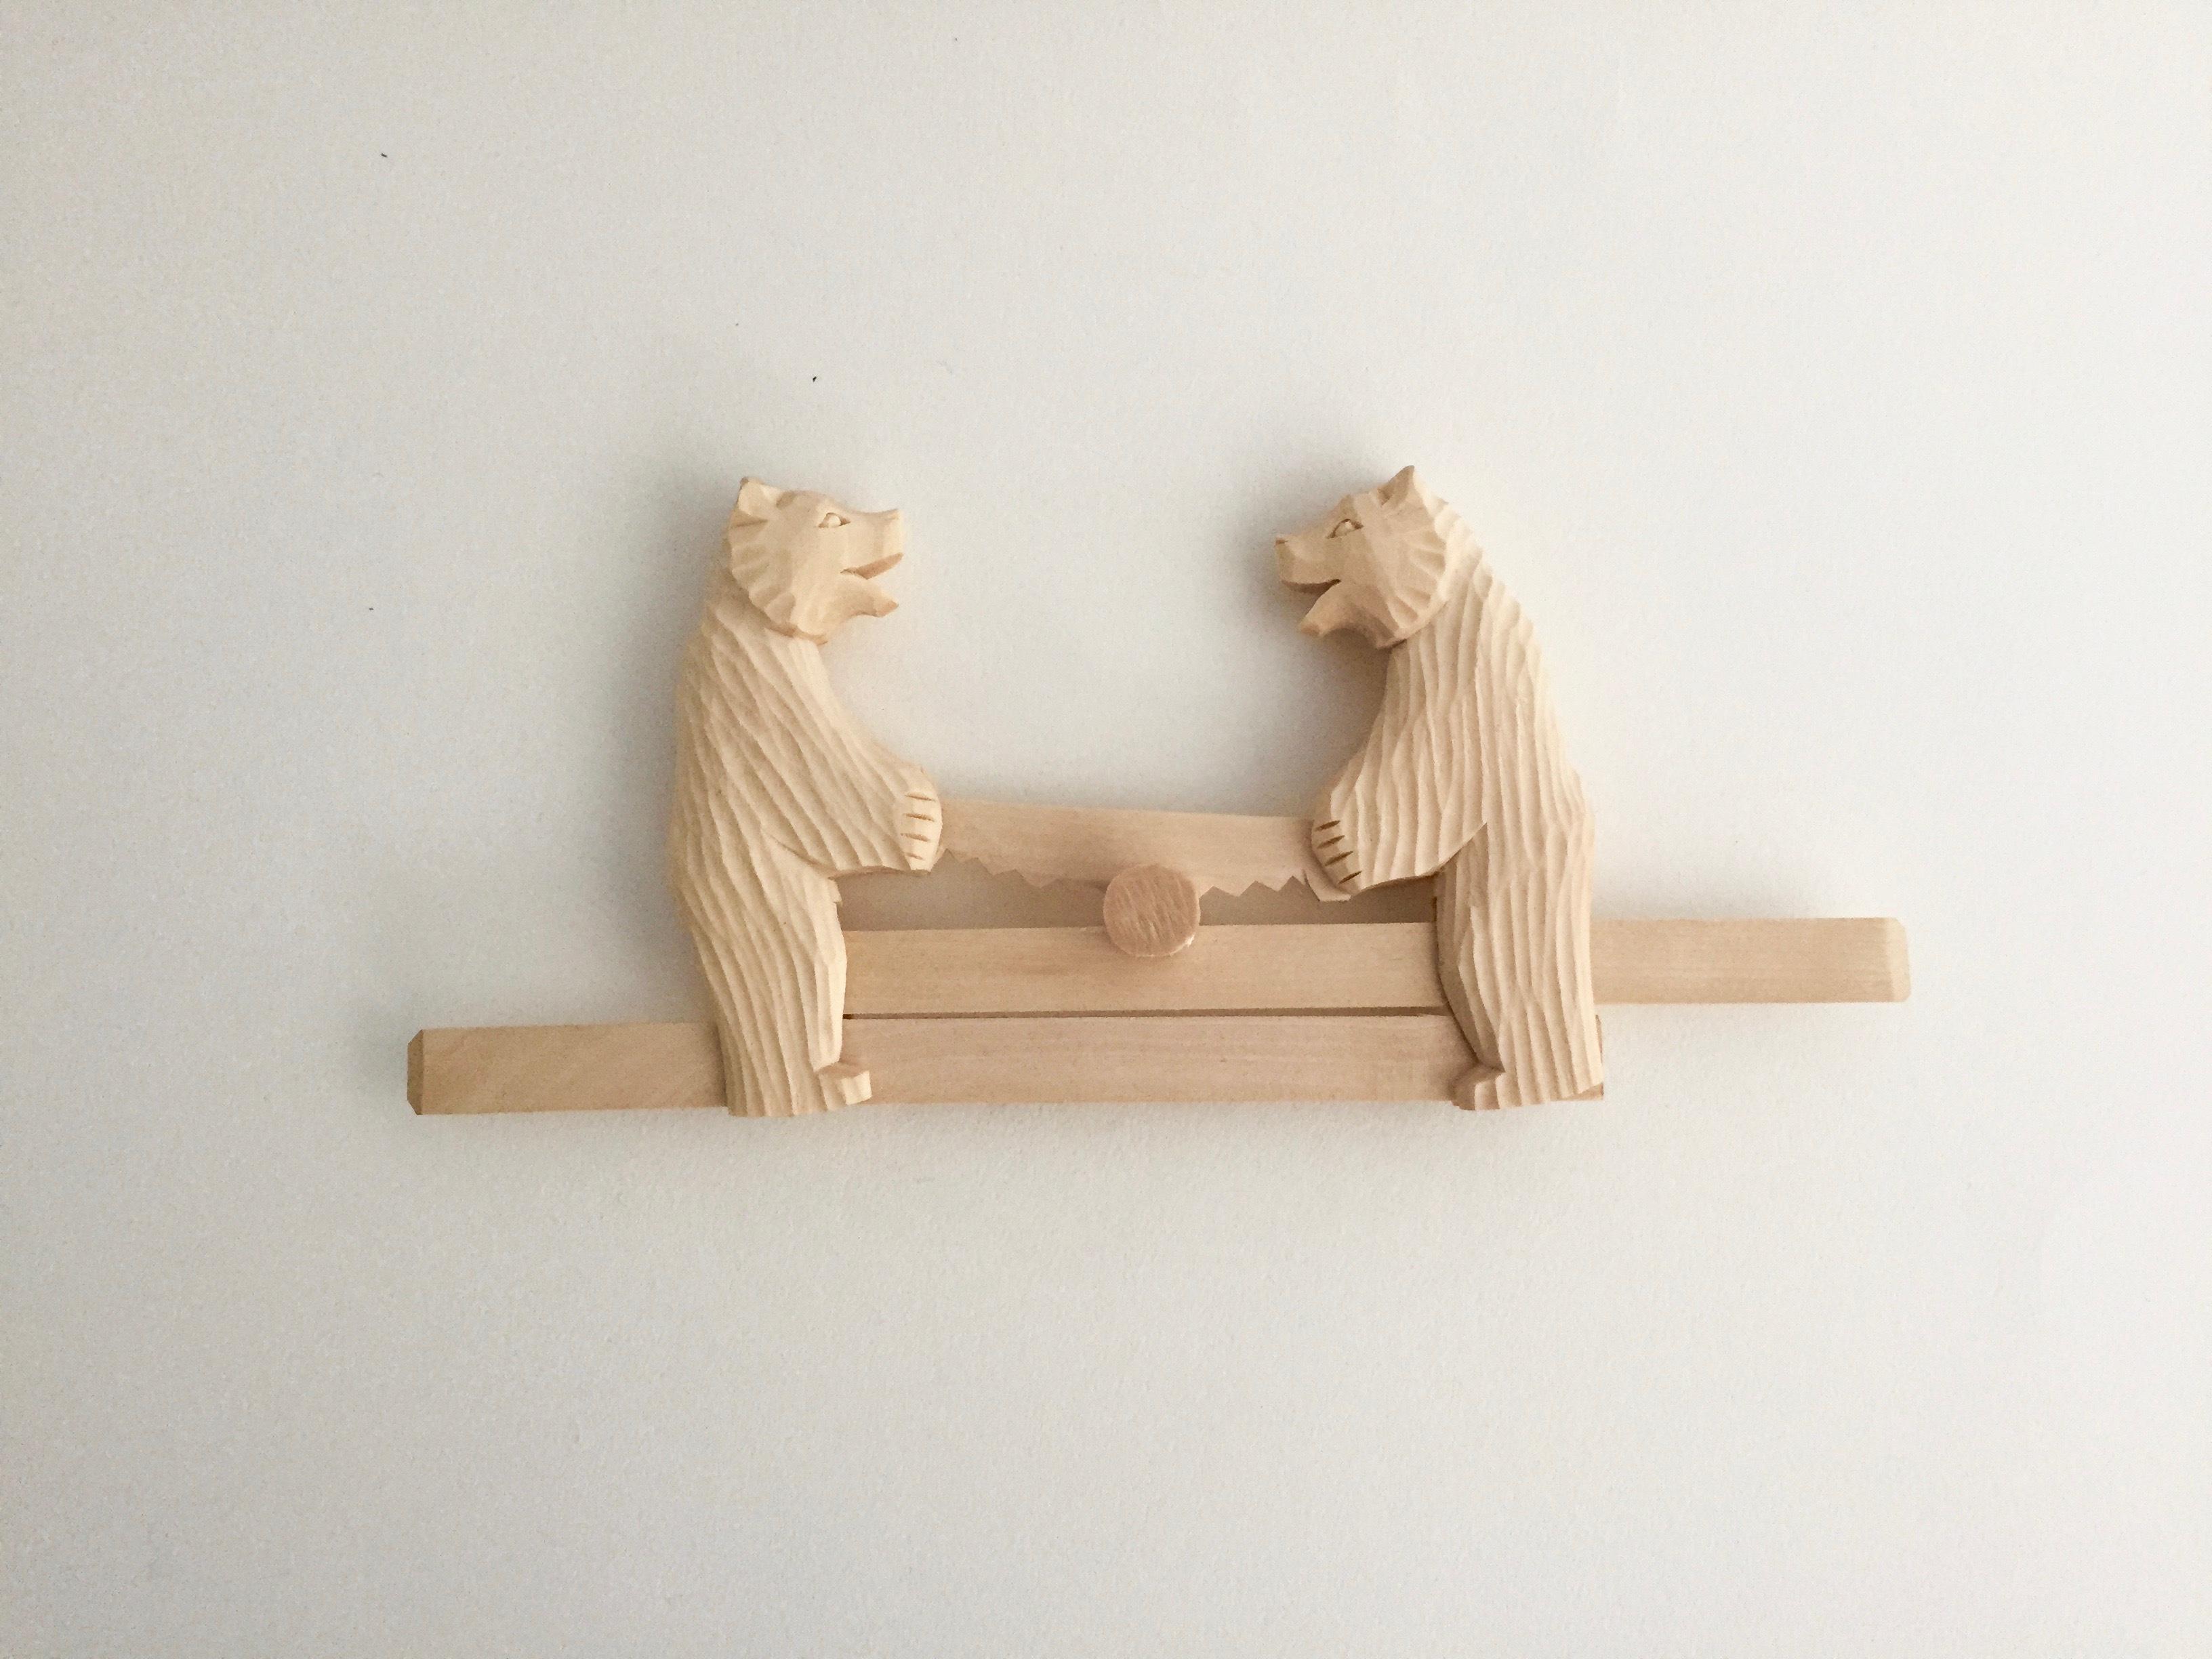 ボゴロツコエ木地玩具「クマの大工」